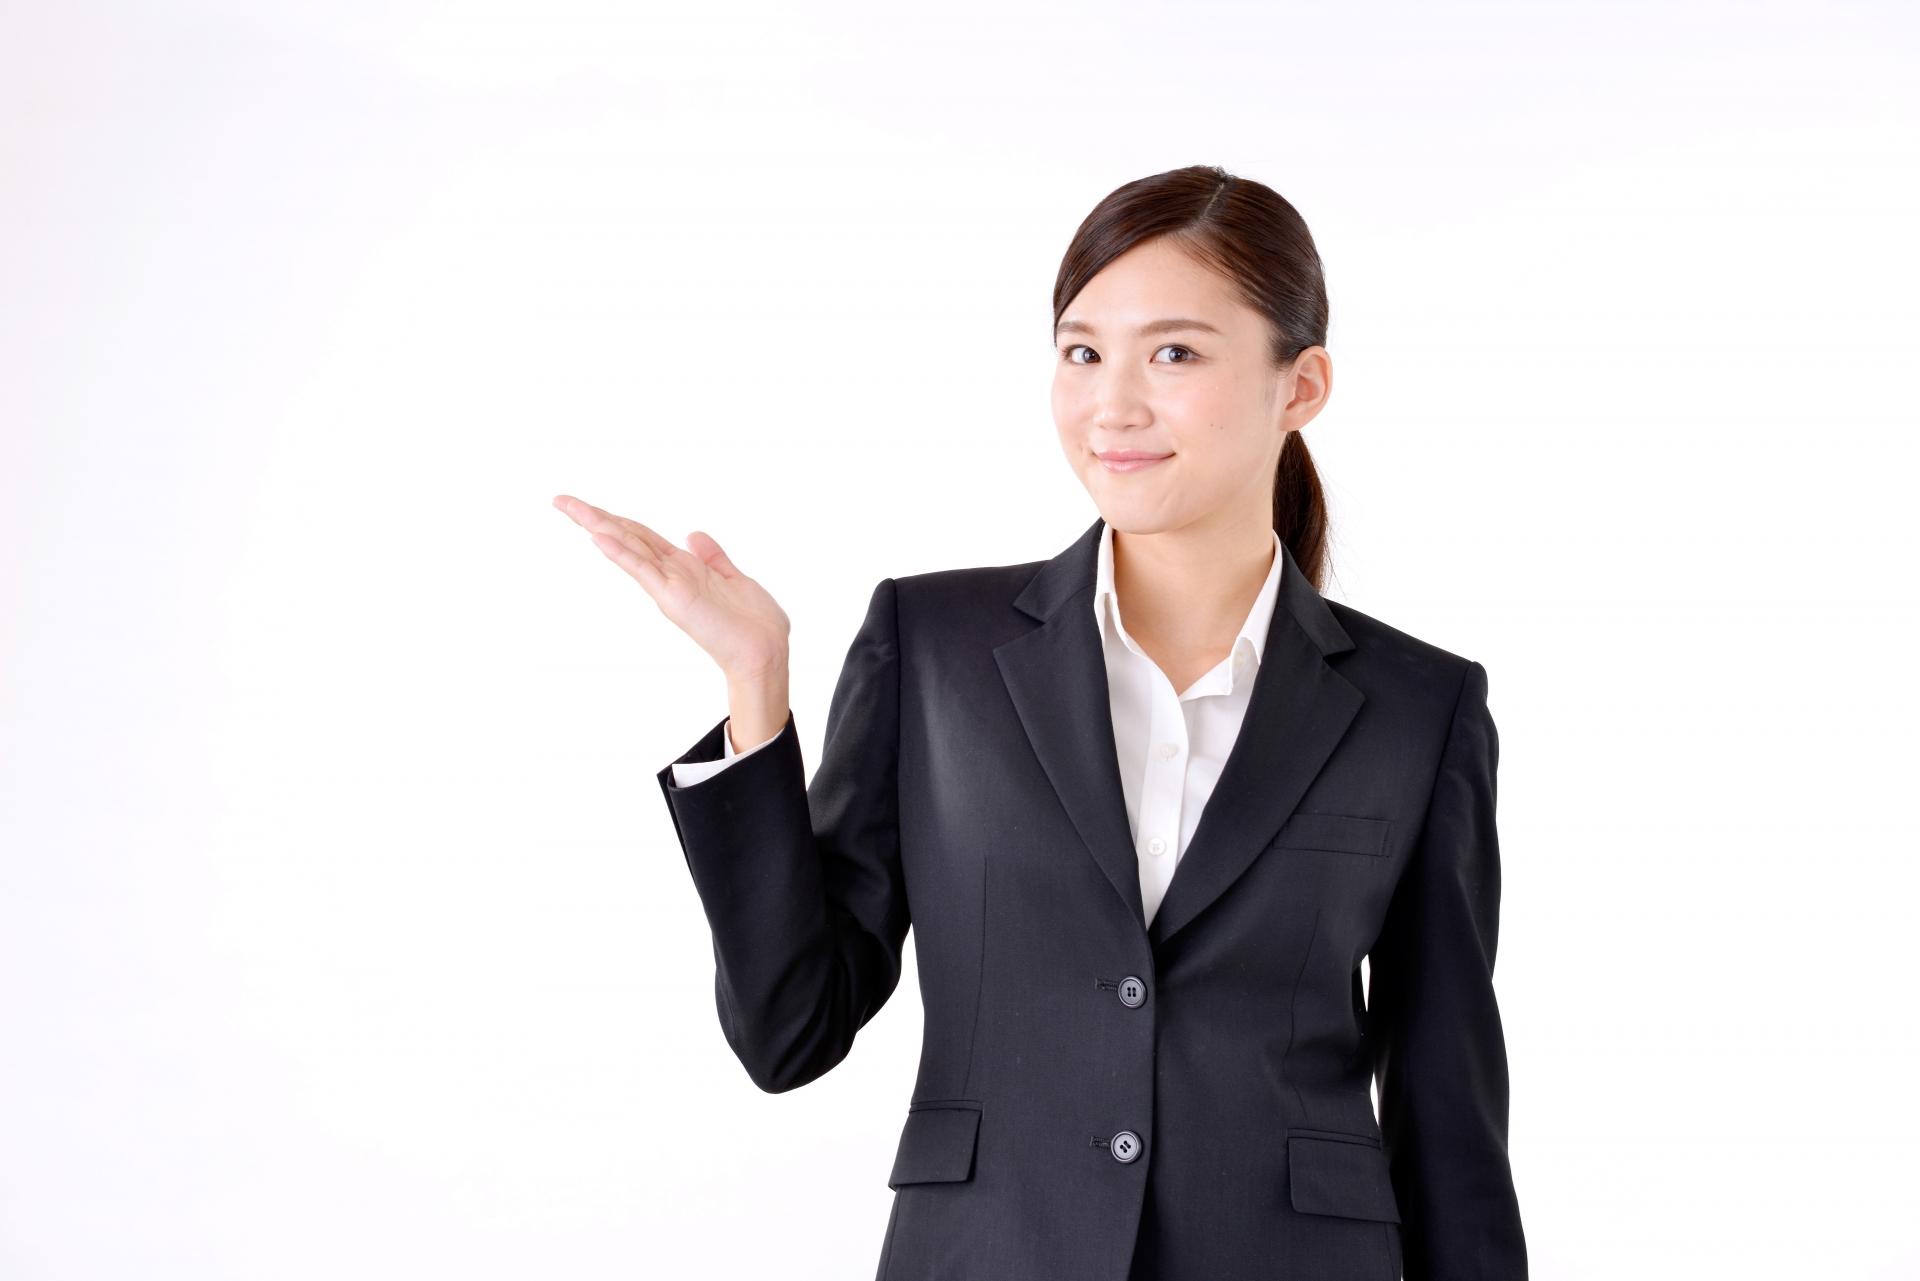 退職代行説明する女性